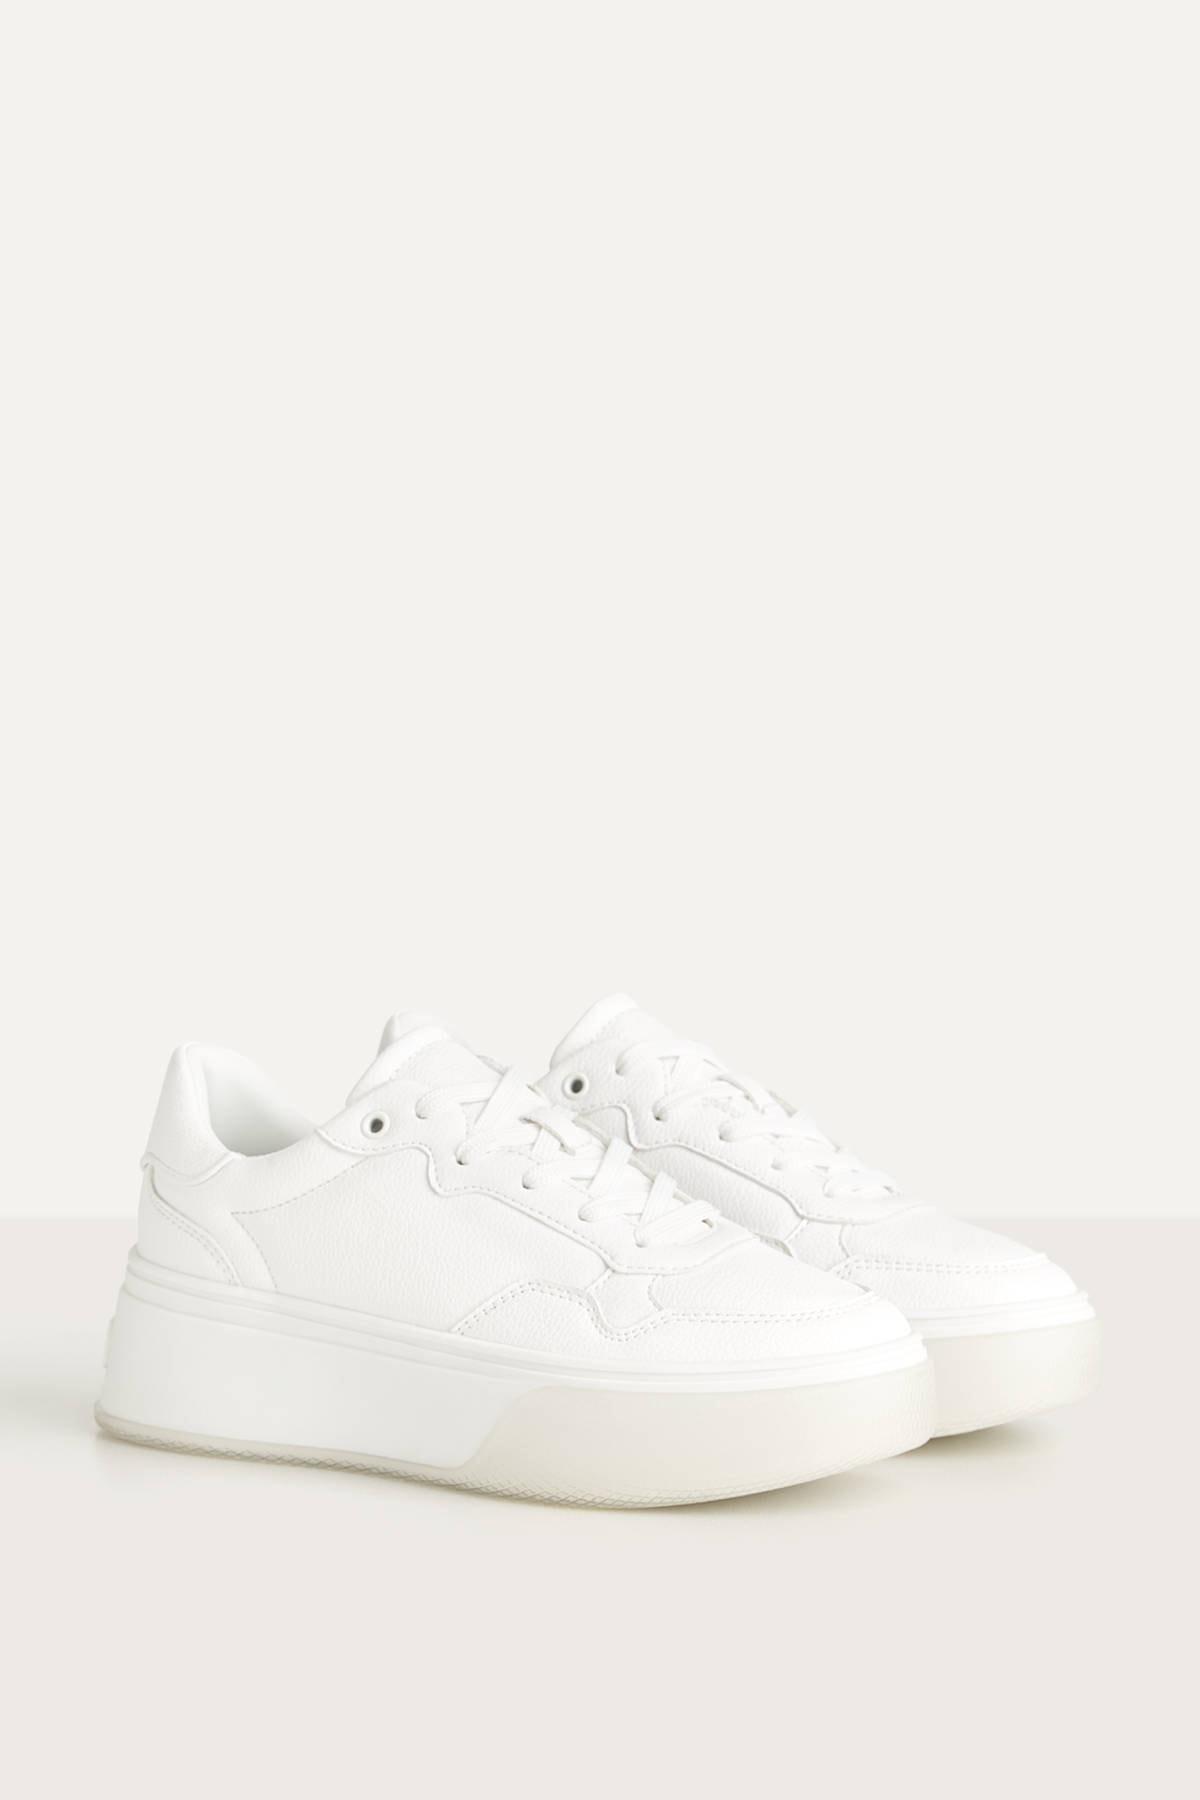 Bershka Kadın Beyaz Yarı Şeffaf Tabanlı, Platform Spor Ayakkabı 11409661